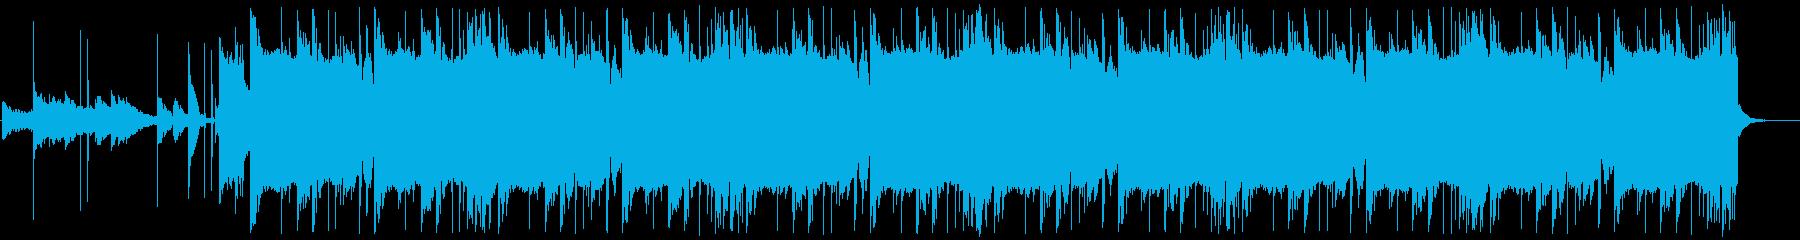 60秒/Trap/808/重厚濃厚/#2の再生済みの波形